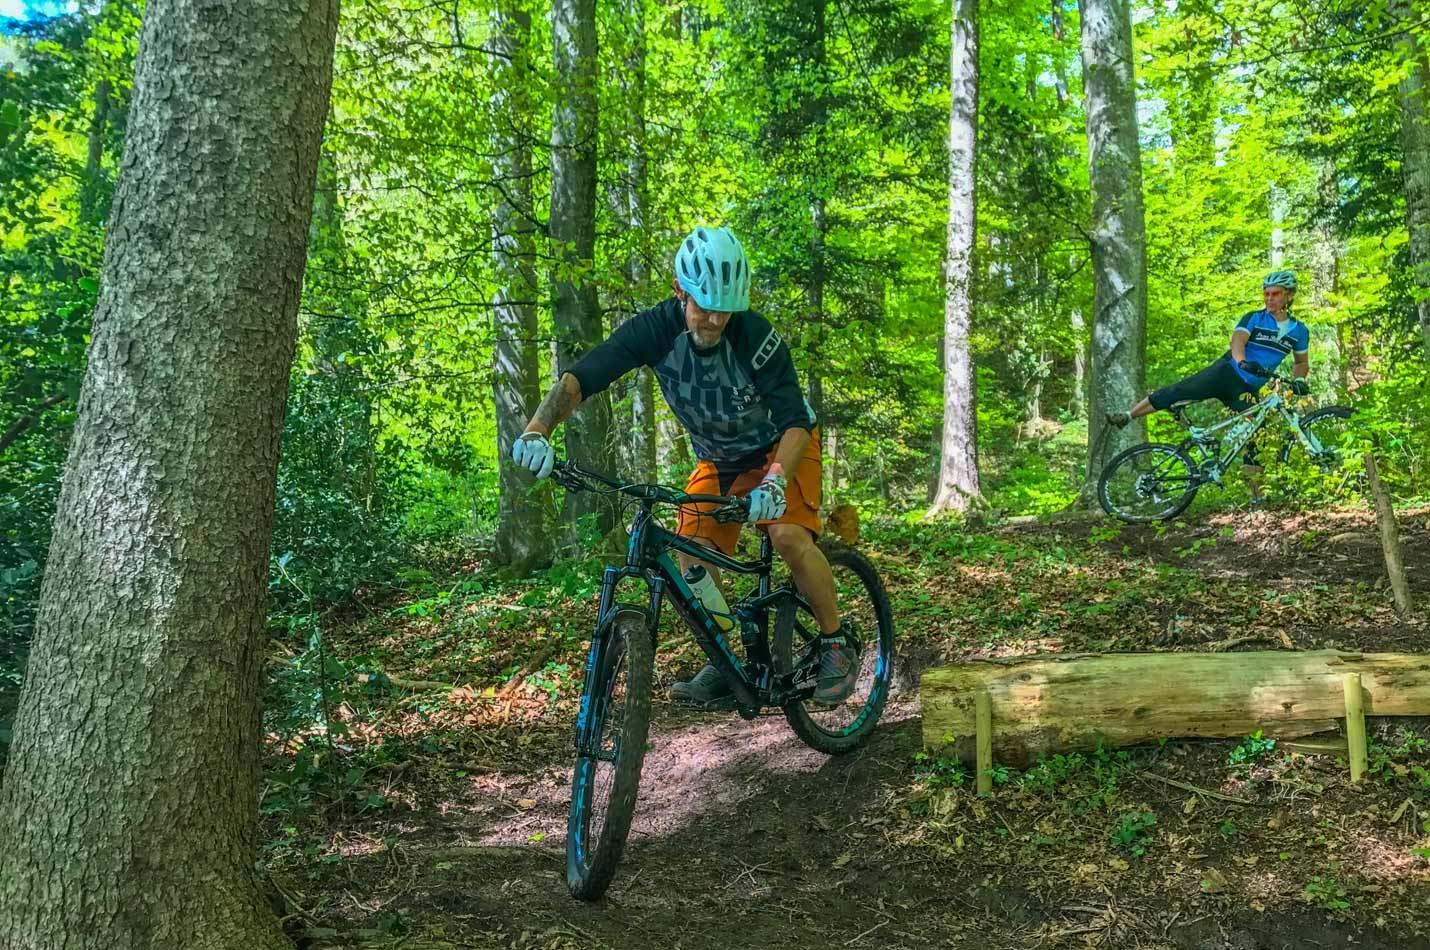 Fortgeschrittenen Bike Fahrtechnik Kurs mit Biker beim Serpentinen fahren üben